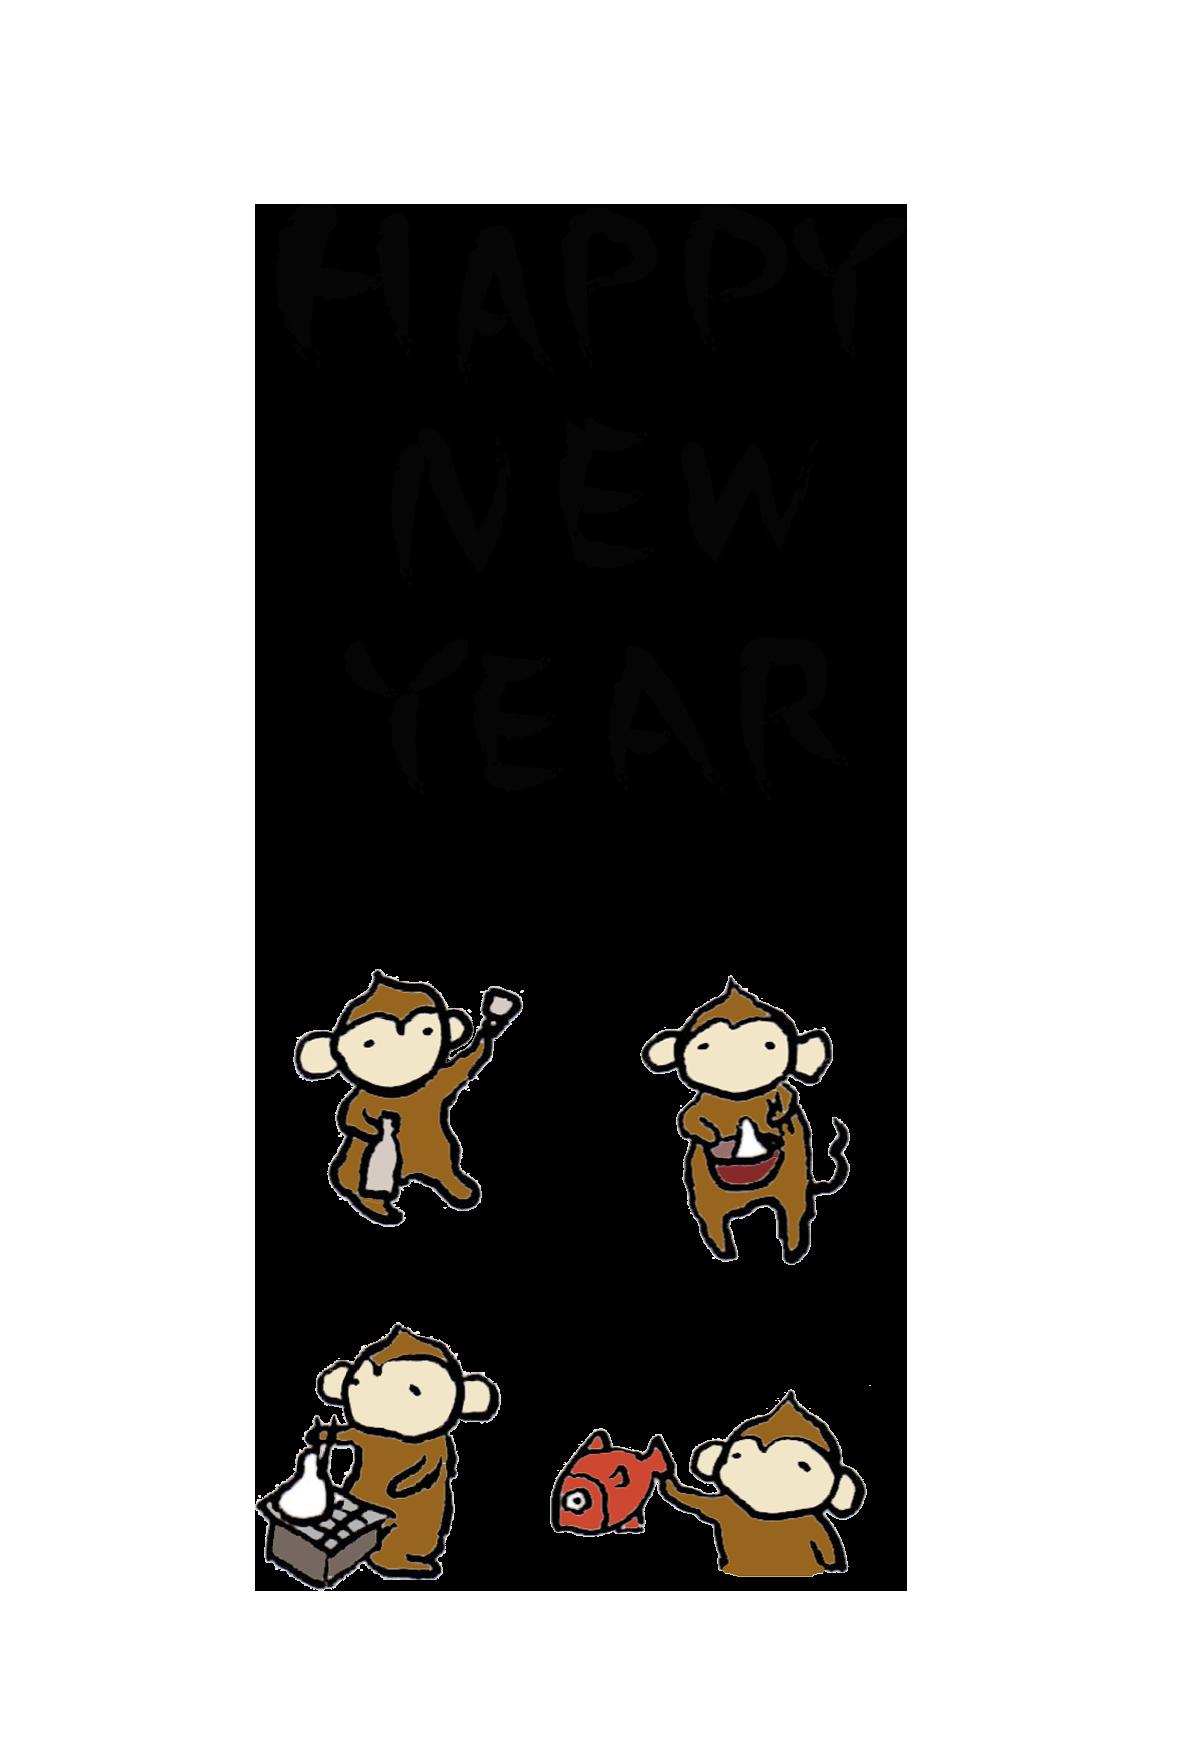 年賀状-手書きテンプレート(猿)04 <無料> | イラストk